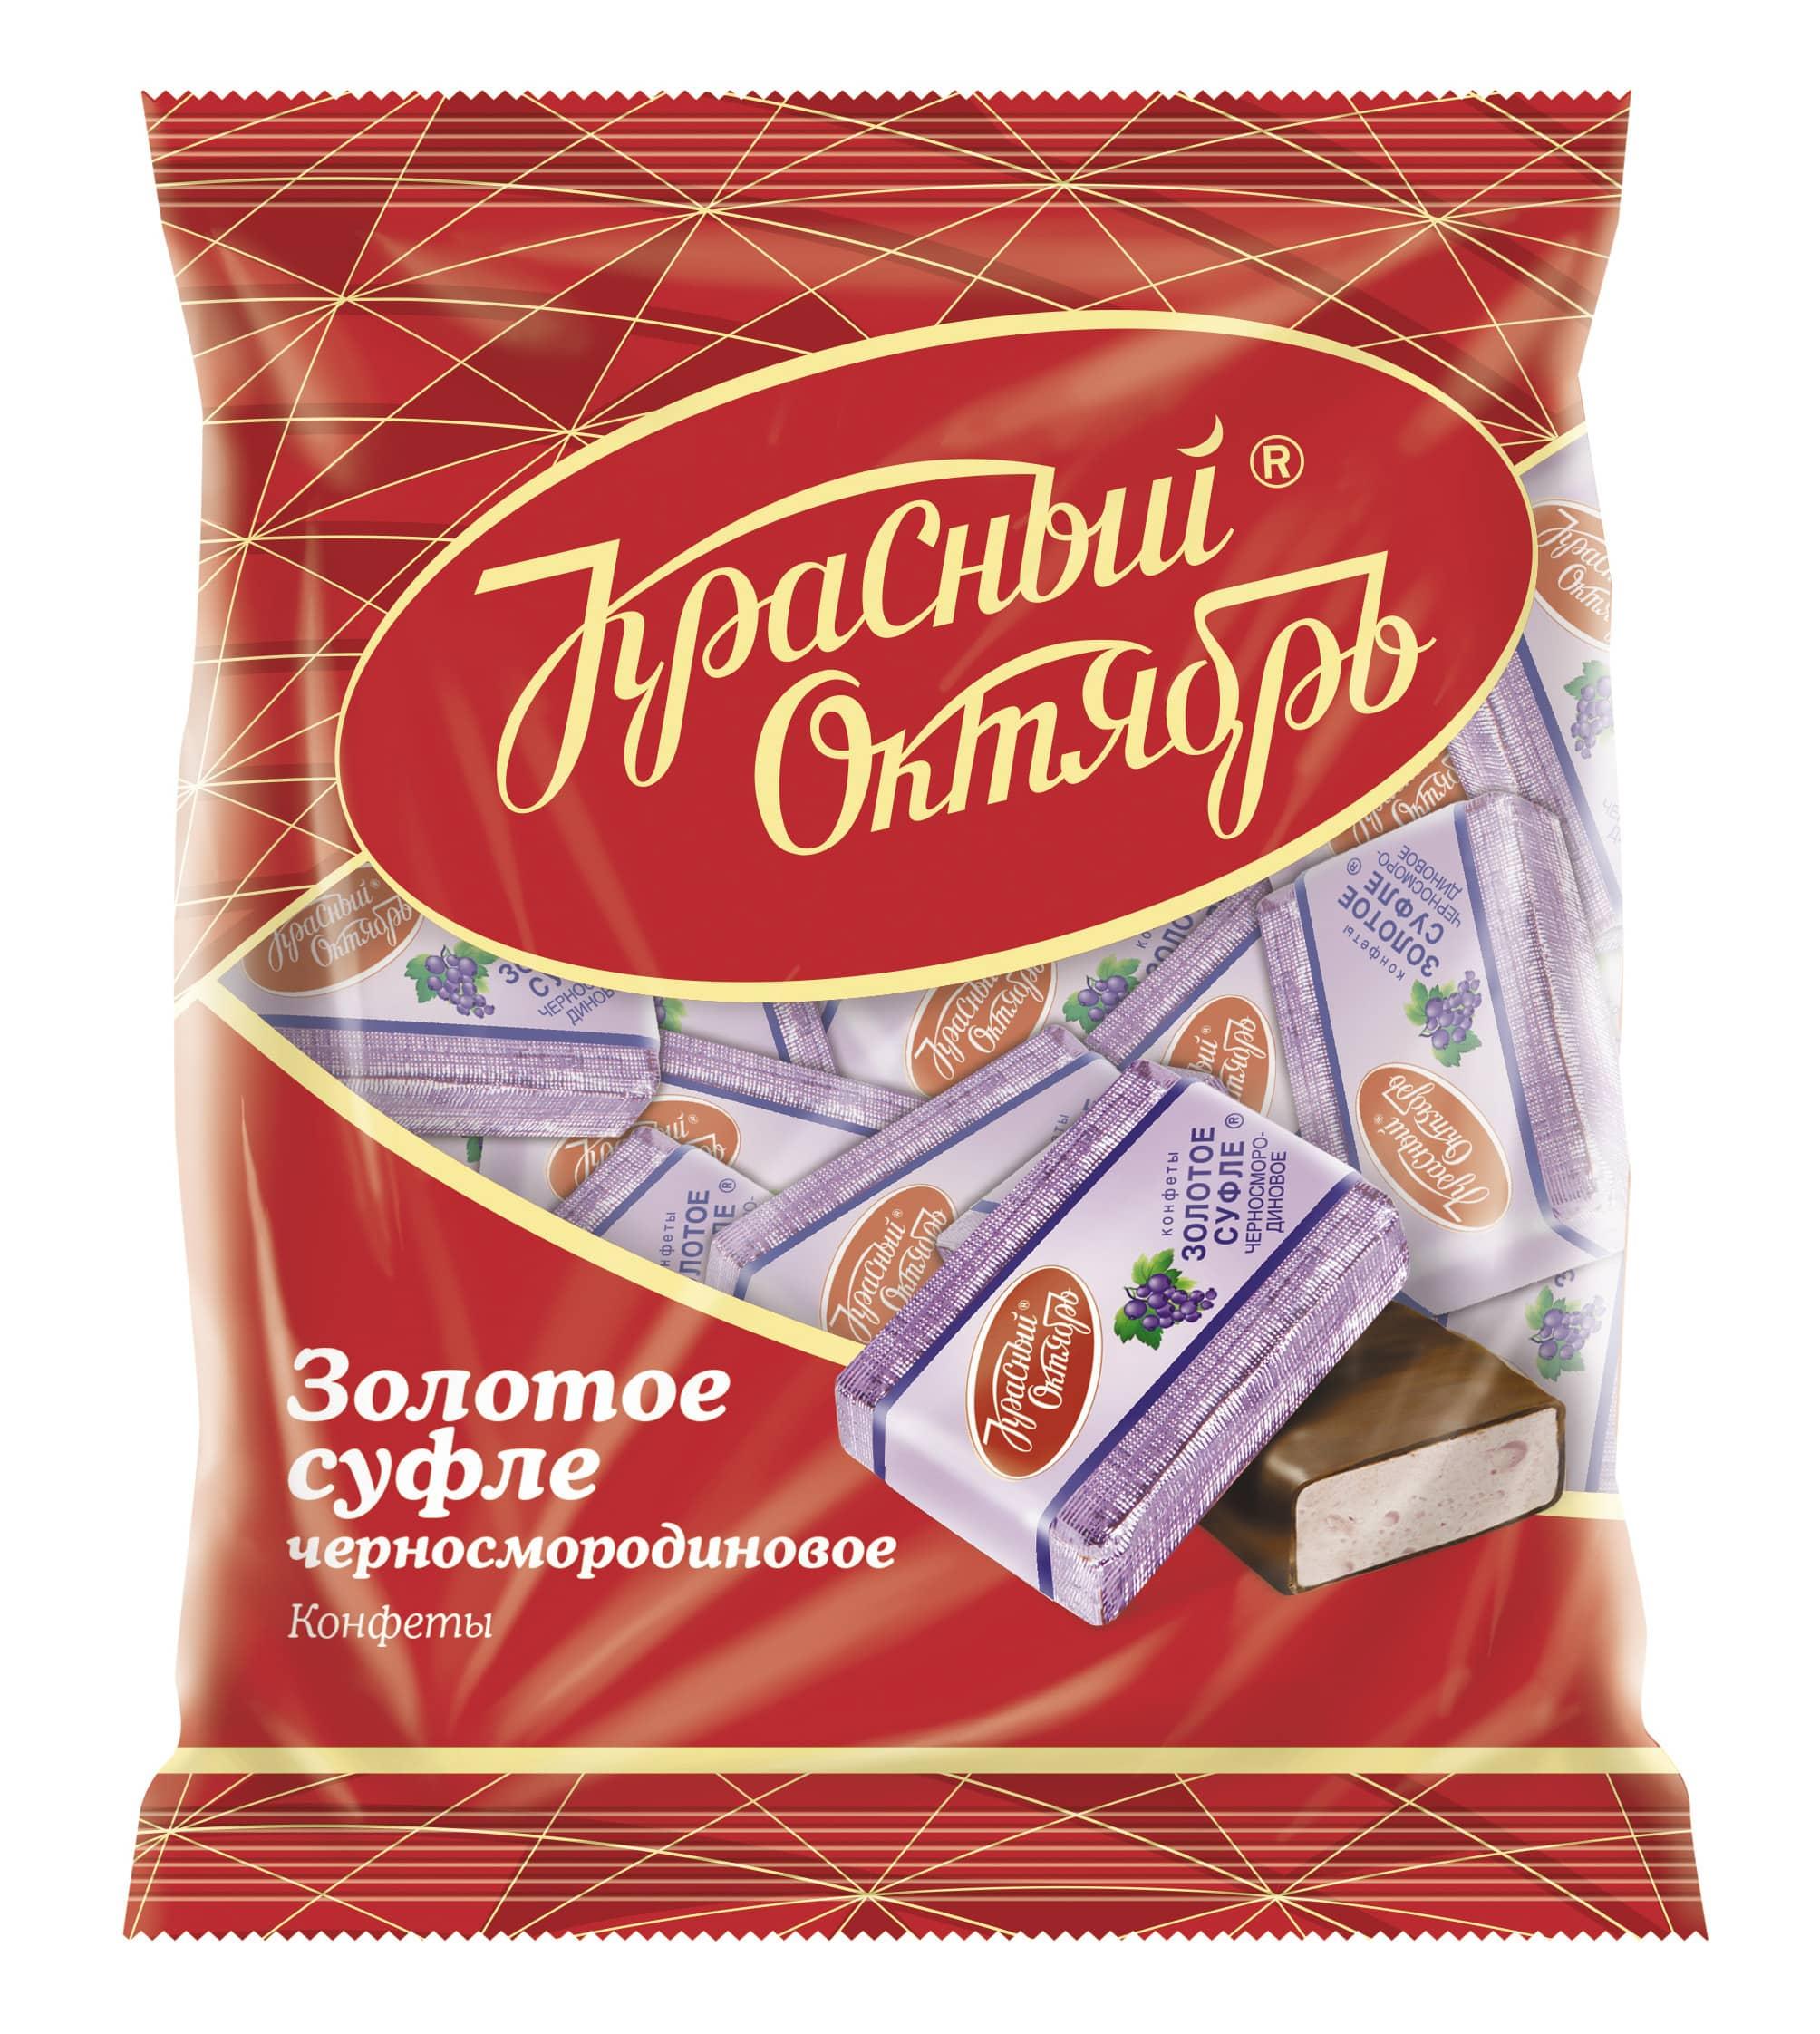 Красный Октябрь Конфеты Золотое суфле черносмородиновое Красный Октябрь